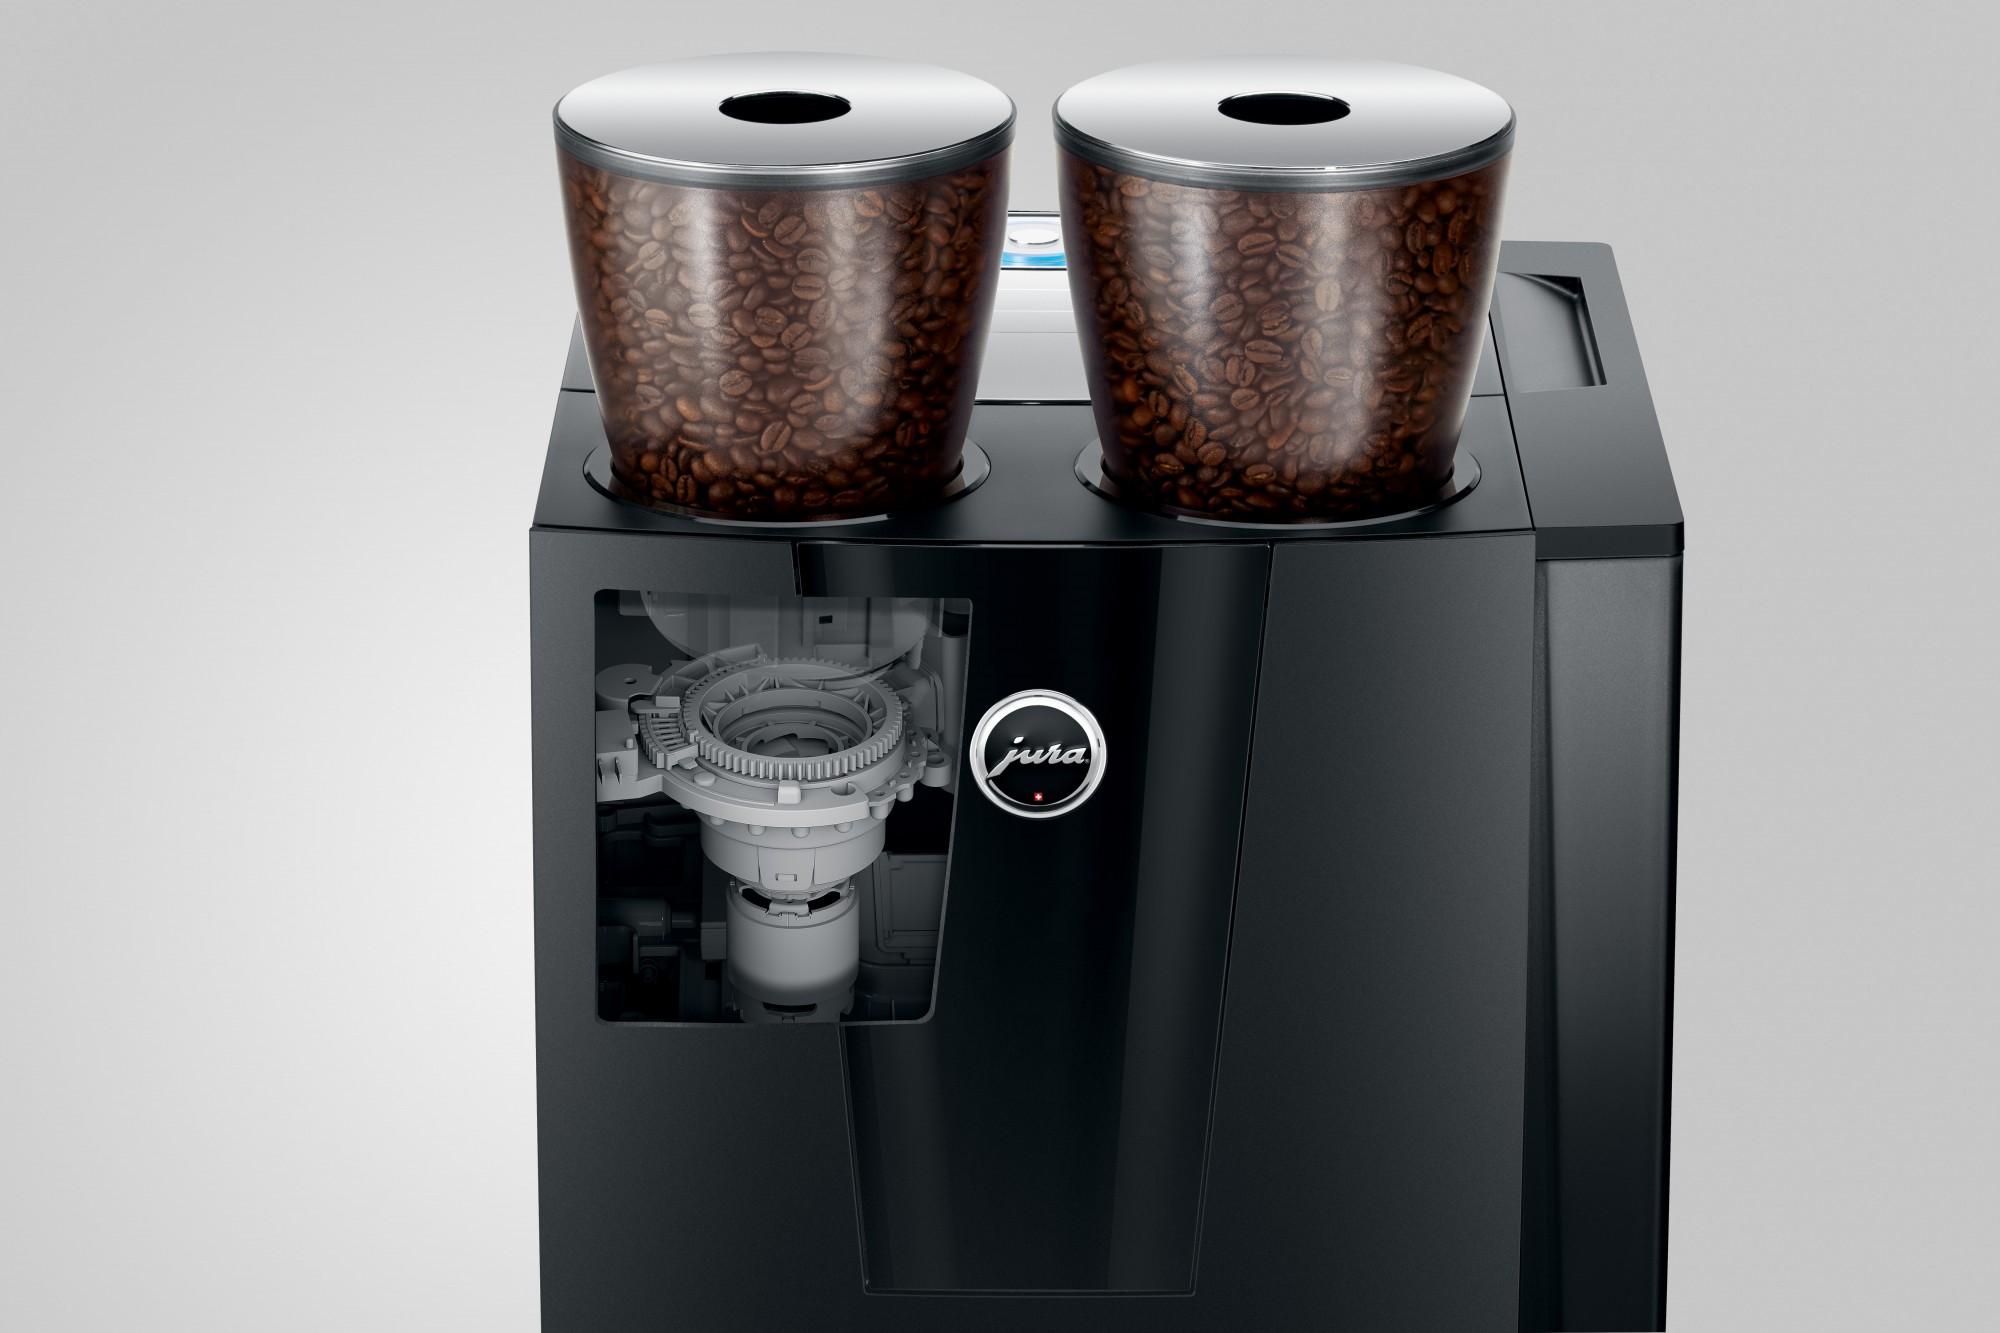 Hoge snelheid door dubbele koffiemolen